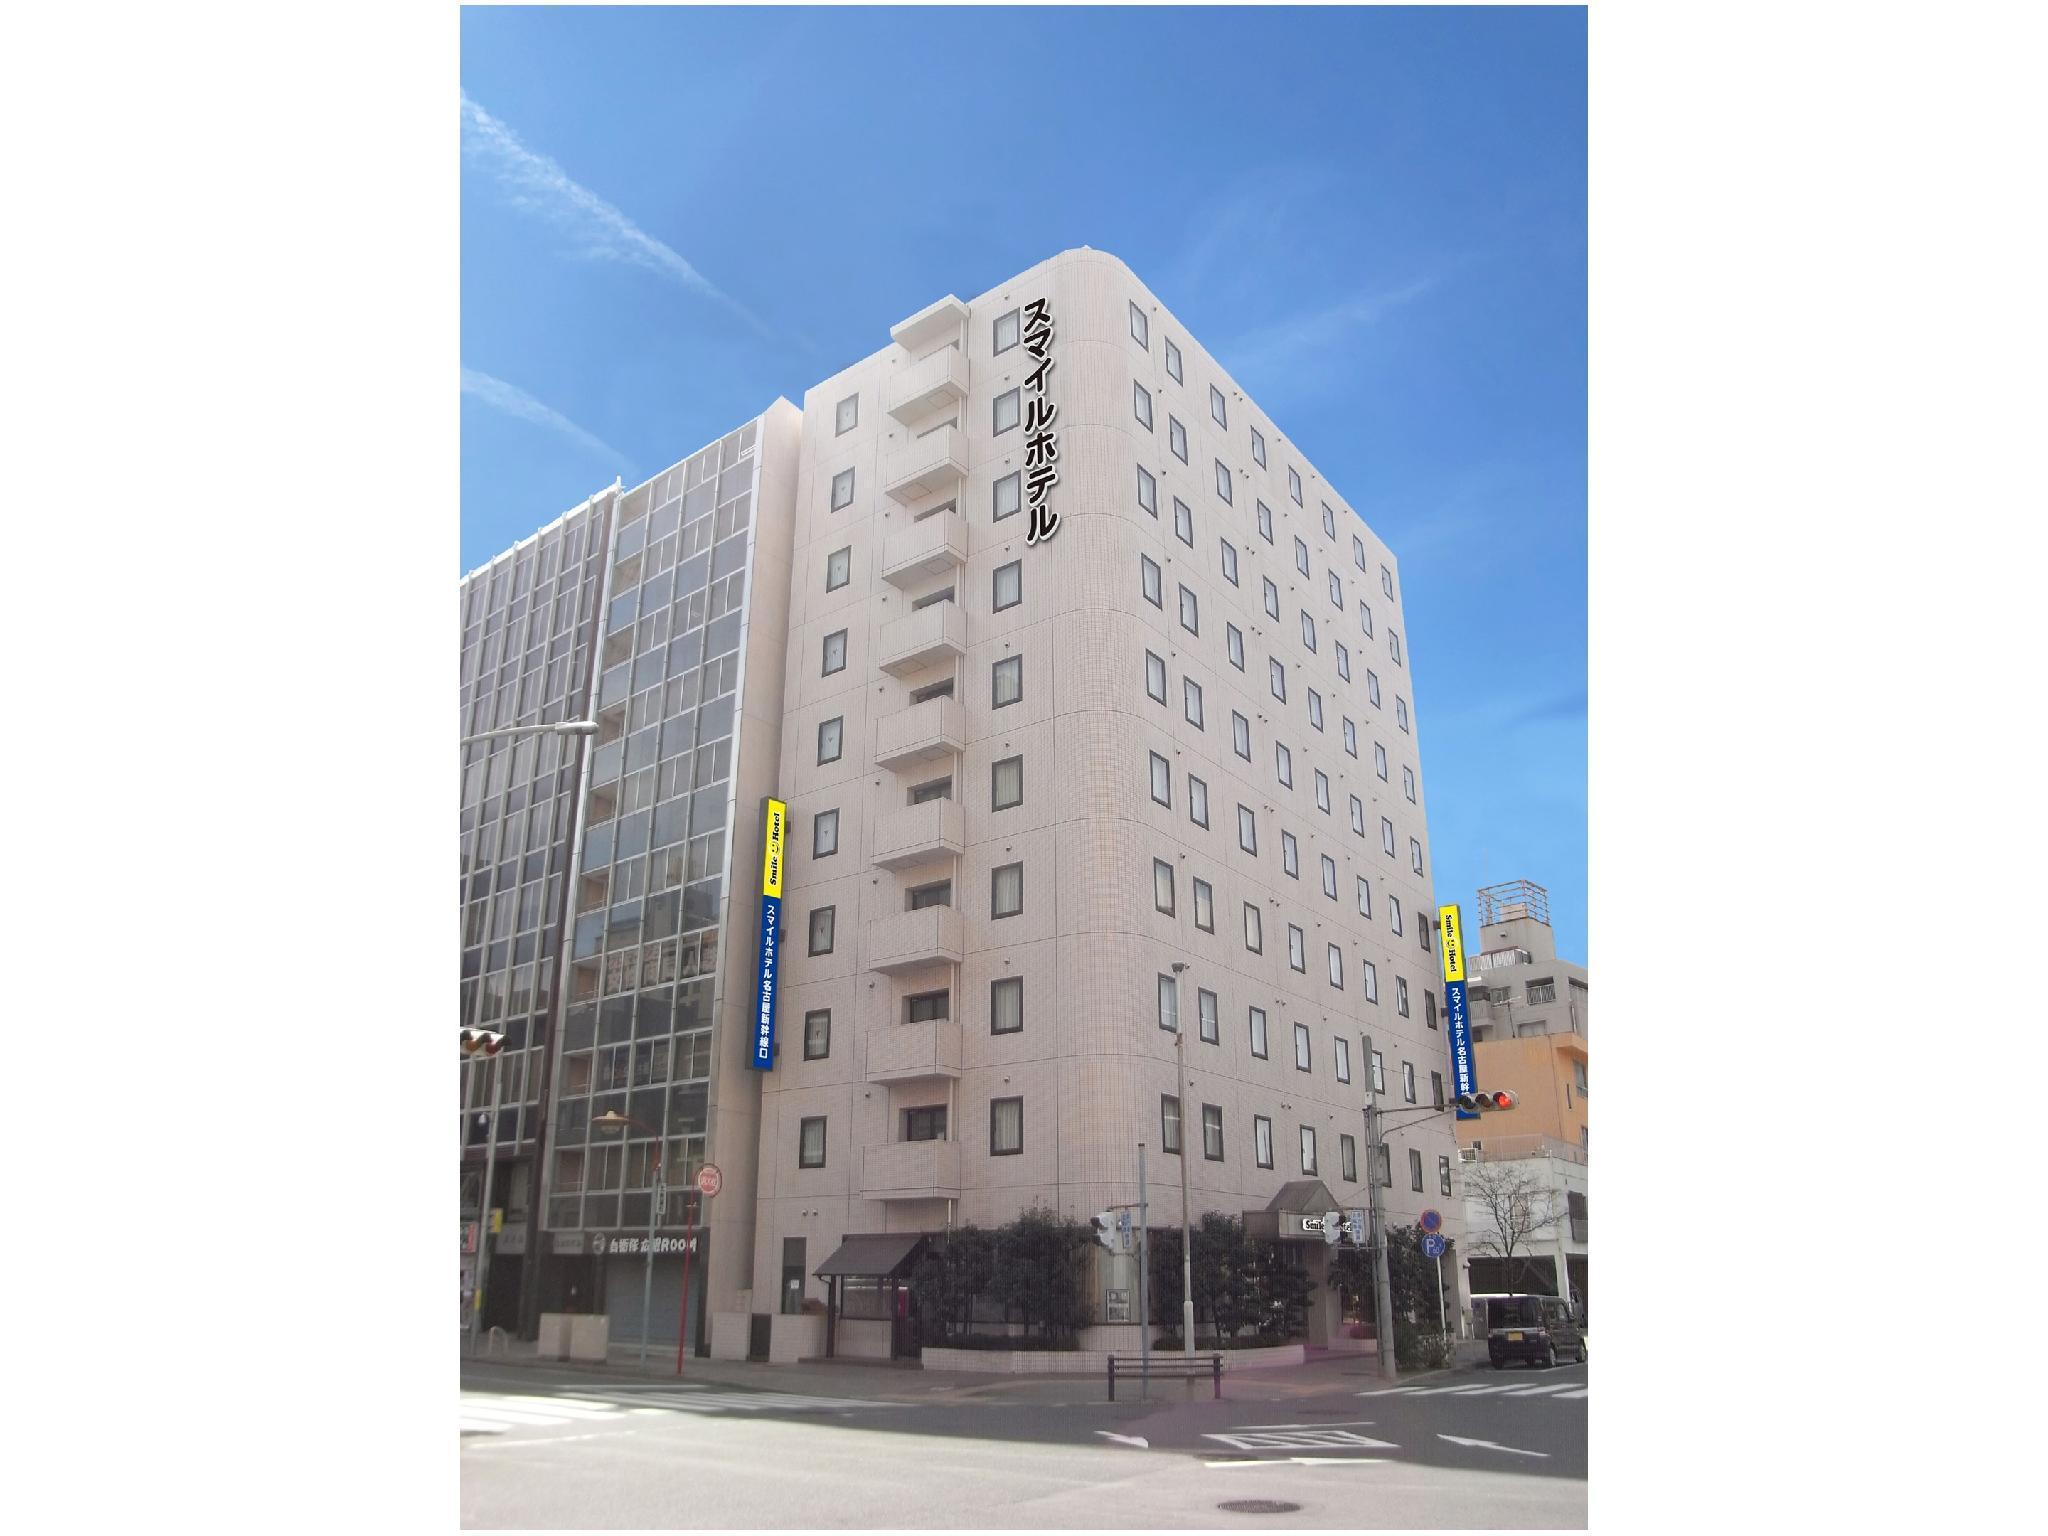 Smile Hotel Nagoya Shinkansenguchi  Formerly  Nagoya Liberty Hotel